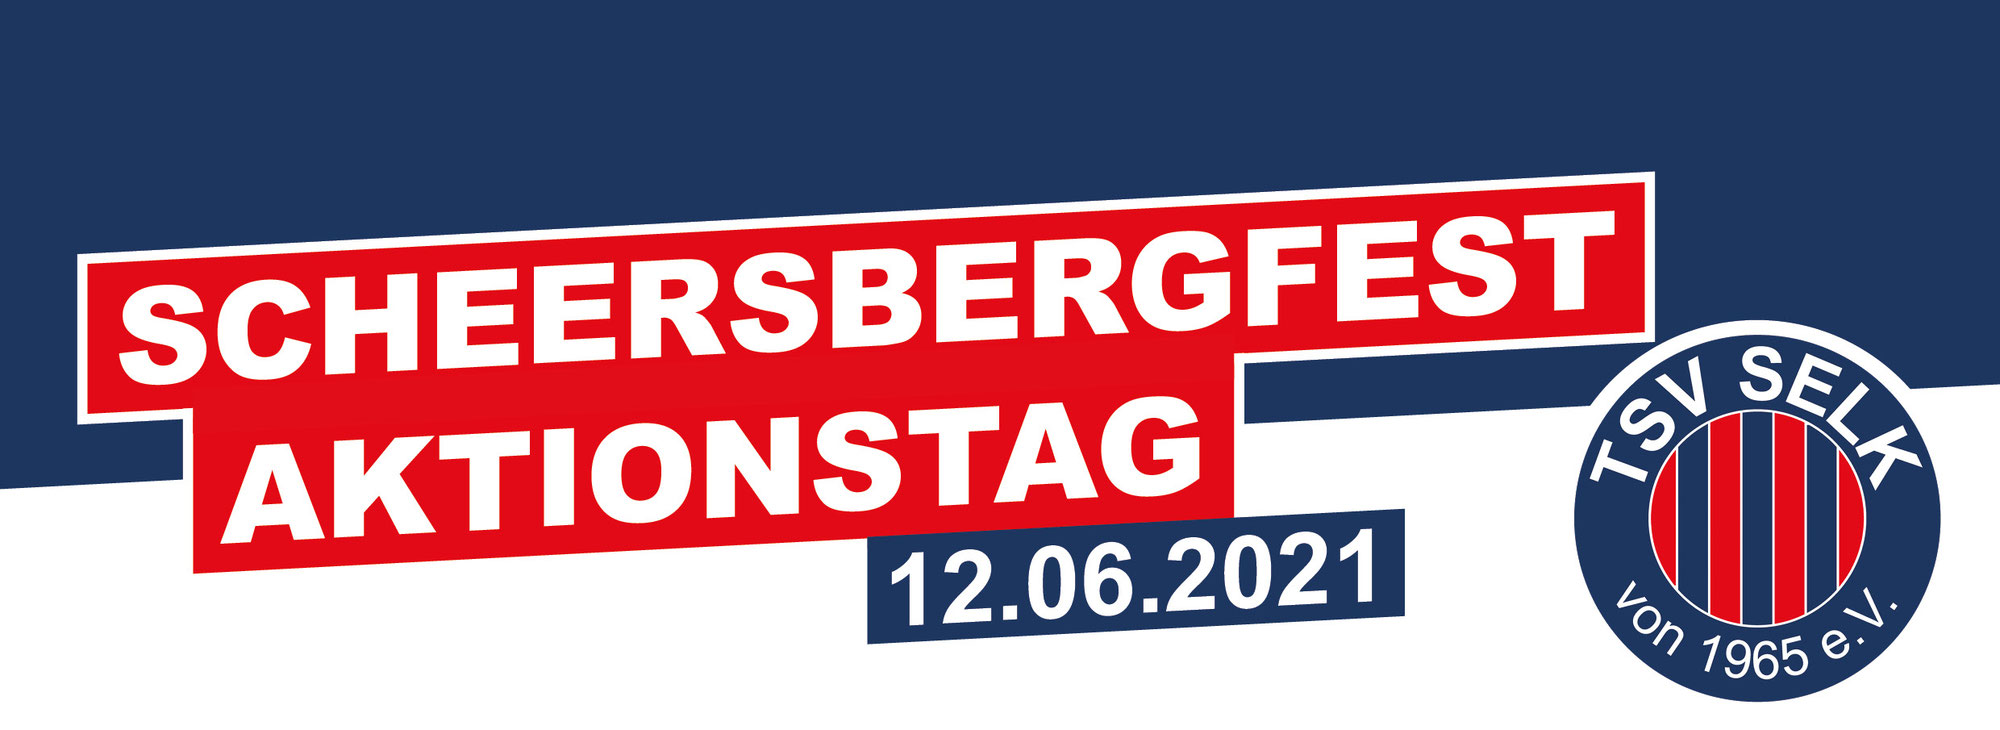 Scheersbergfest 2021